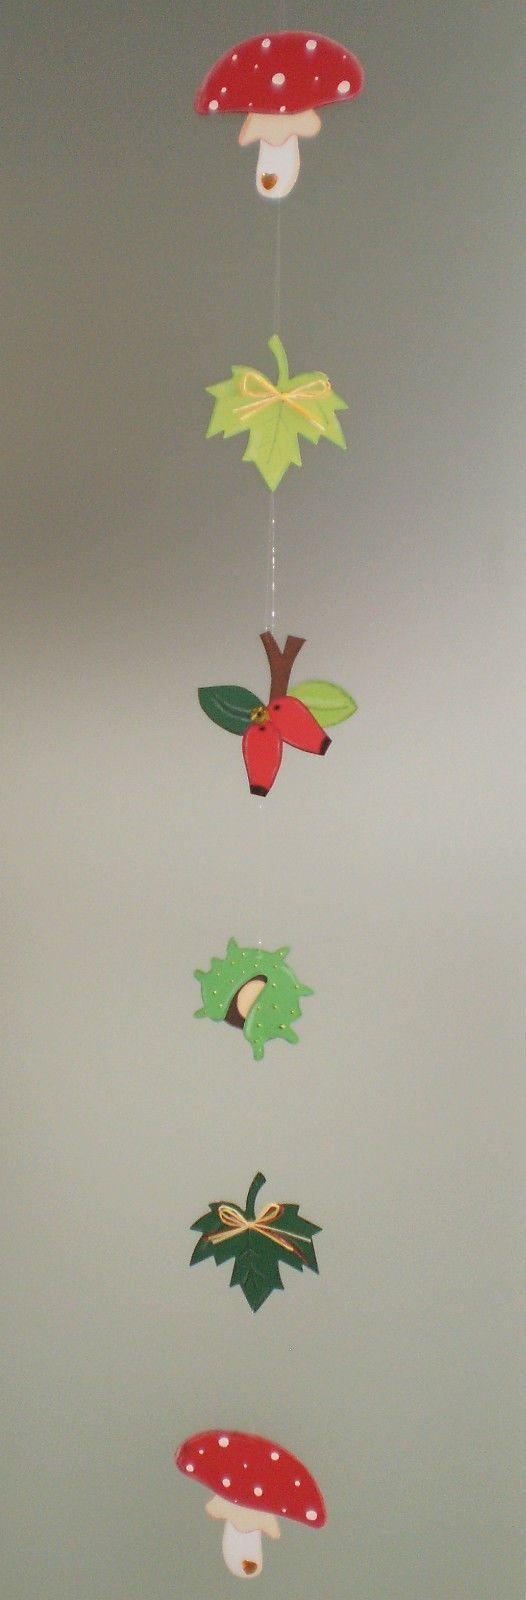 Fensterbild Bunte Herbstkette -Herbst- Dekoration - Tonkarton! 4 • EUR 10,00